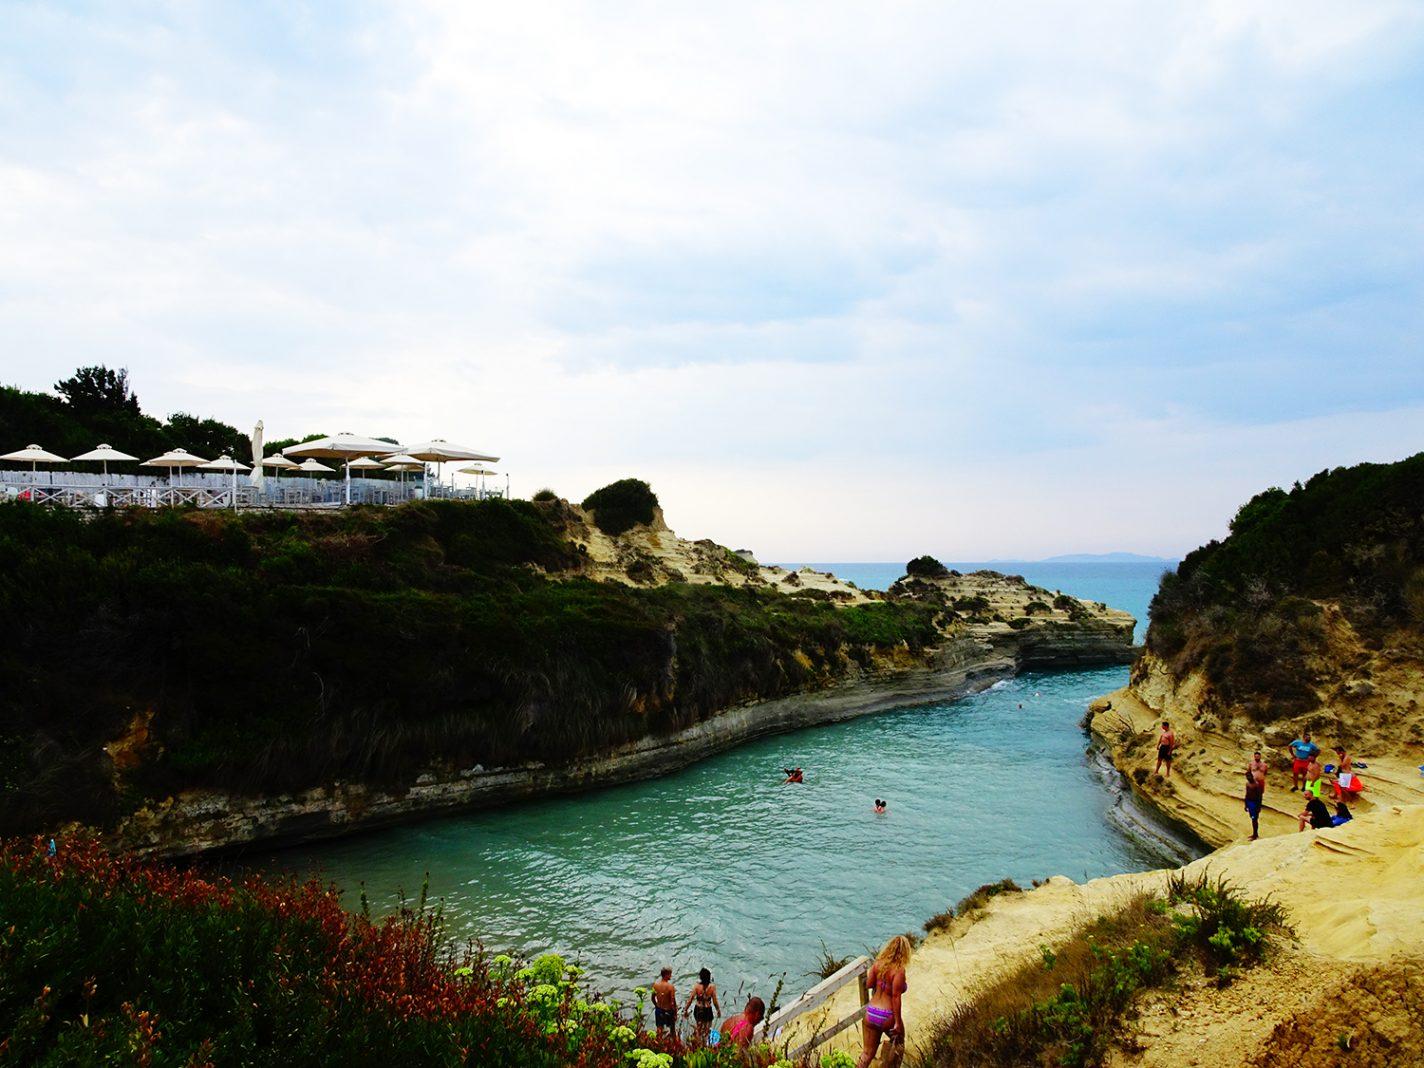 Zwemmen bij Canal d'amour